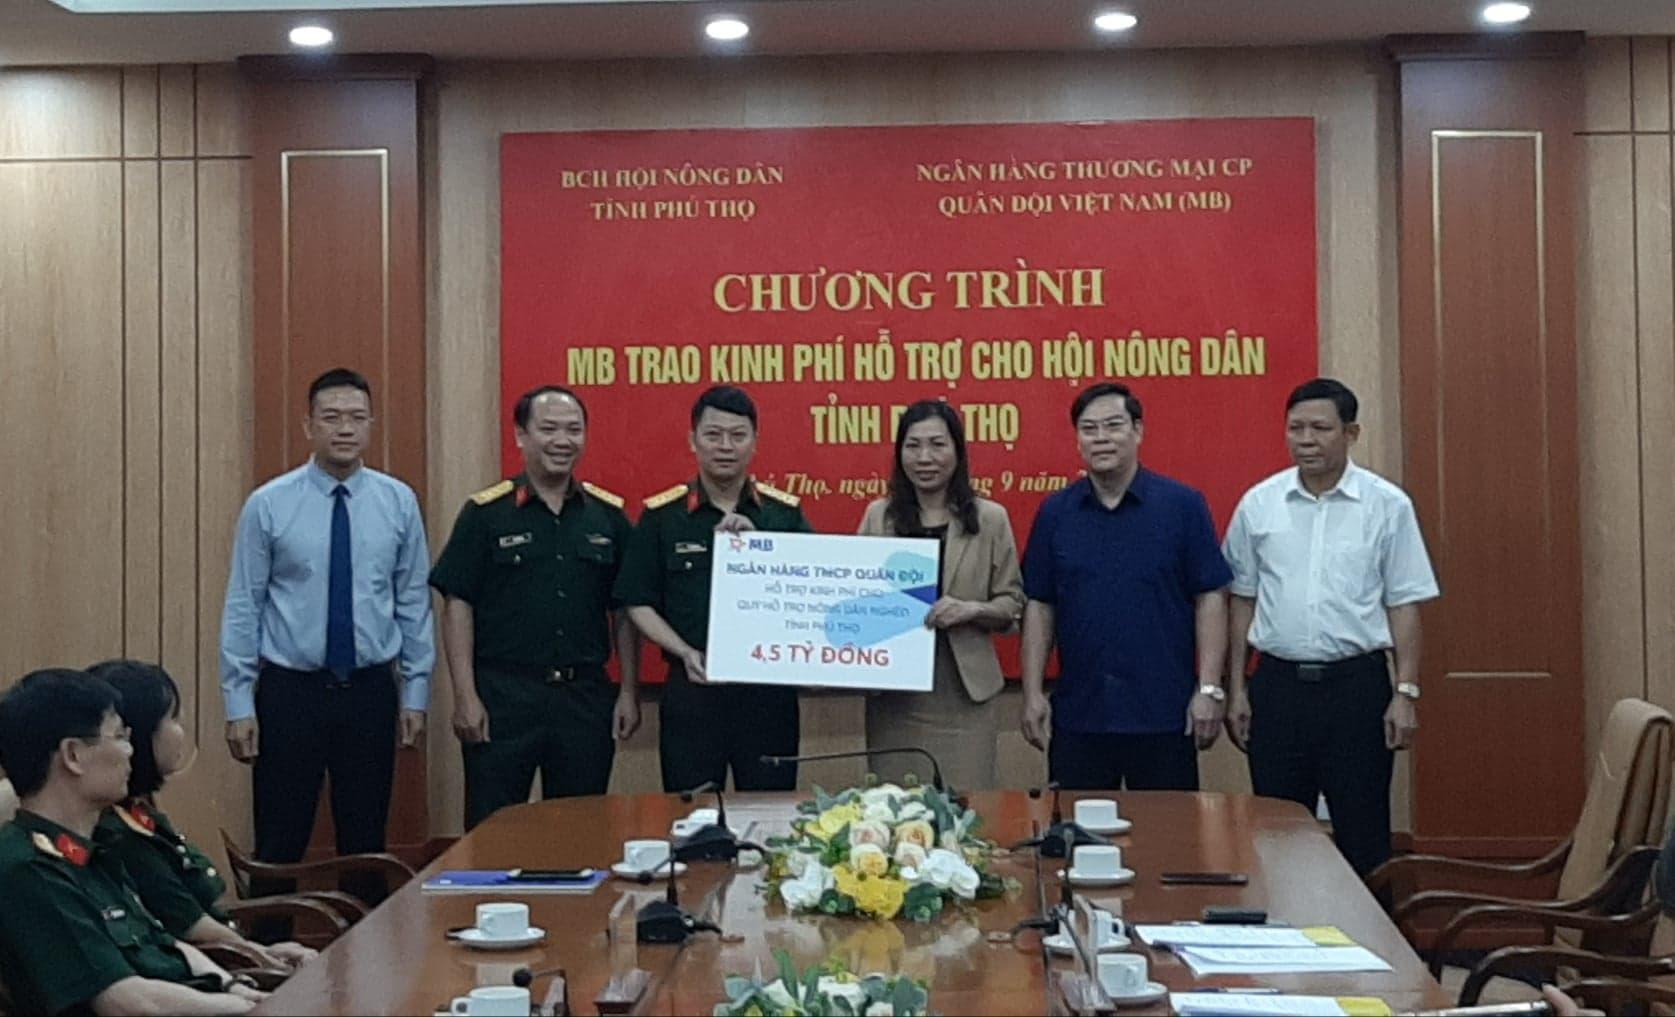 Ngân hàng TPCP Quân độ hỗ trợ 4,5 tỷ đồng cho Quỹ hỗ trợ nông dân nghèo tỉnh Phú Thọ - Ảnh 1.